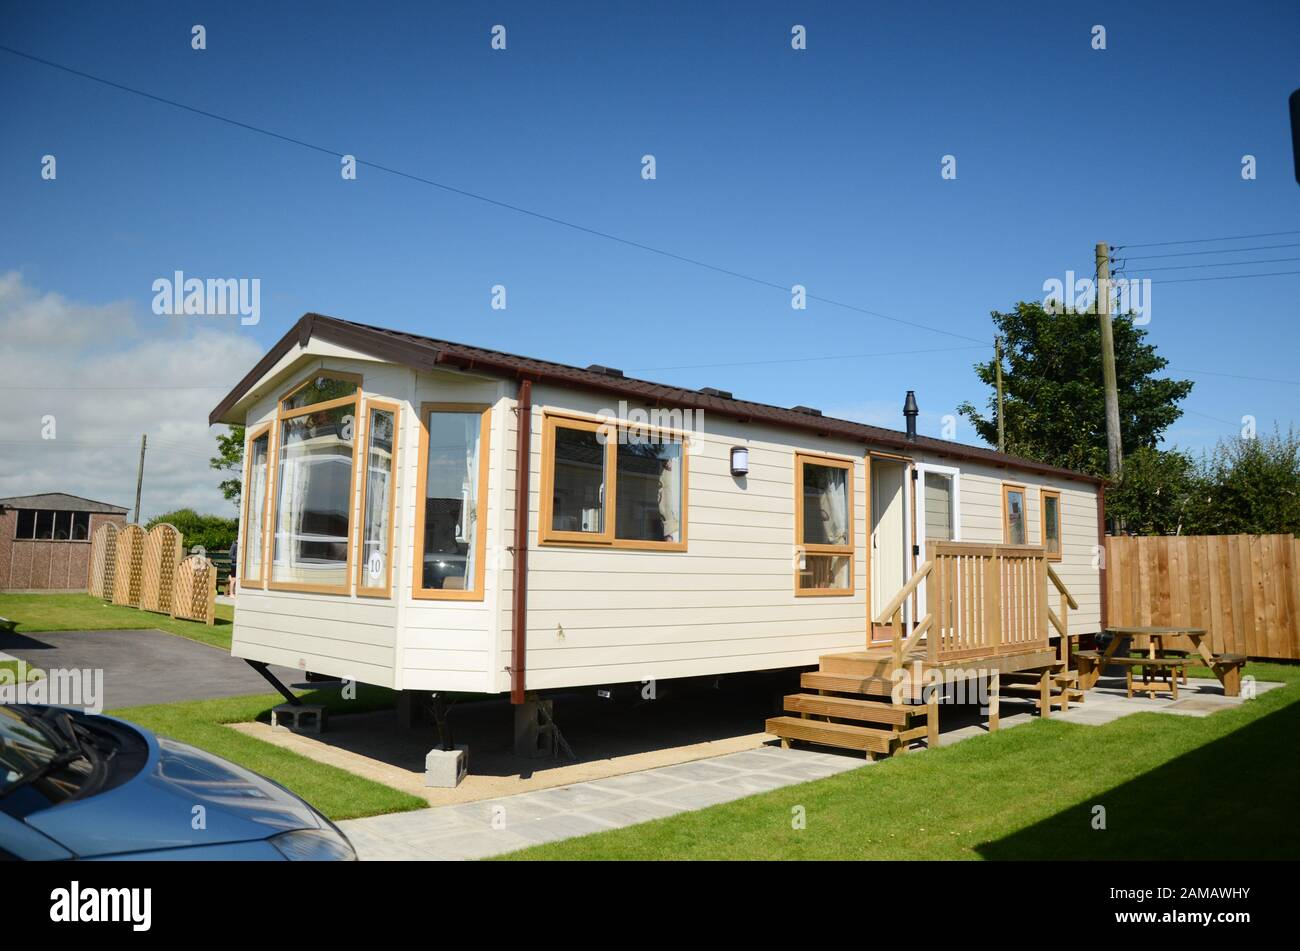 Mobile Homes Park Stockfotos und  bilder Kaufen   Alamy